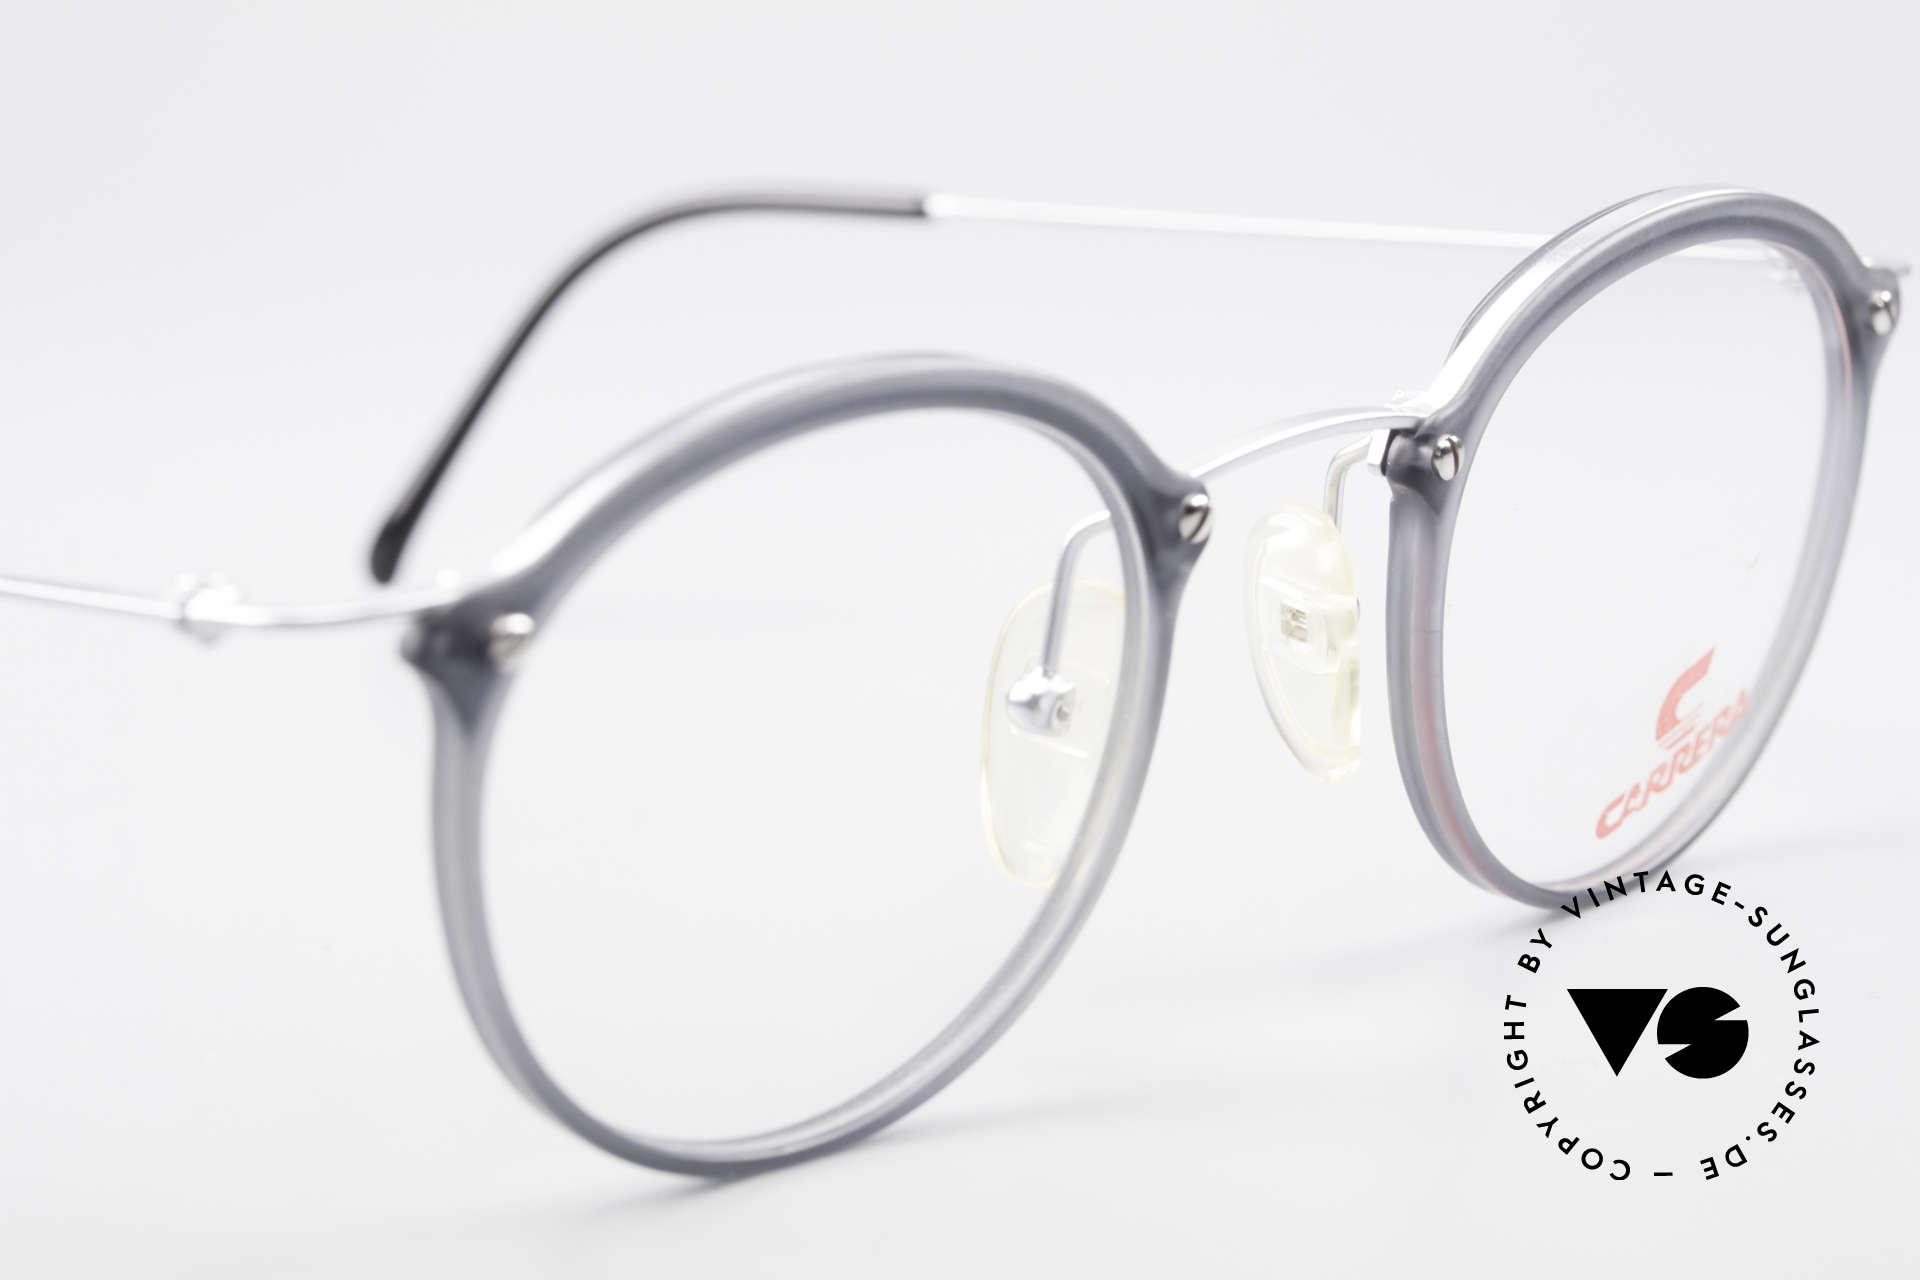 Carrera 4942 Runde Panto Vintage Brille, KEINE Retrobrille; ein originelles 90er ORIGINAL!, Passend für Herren und Damen